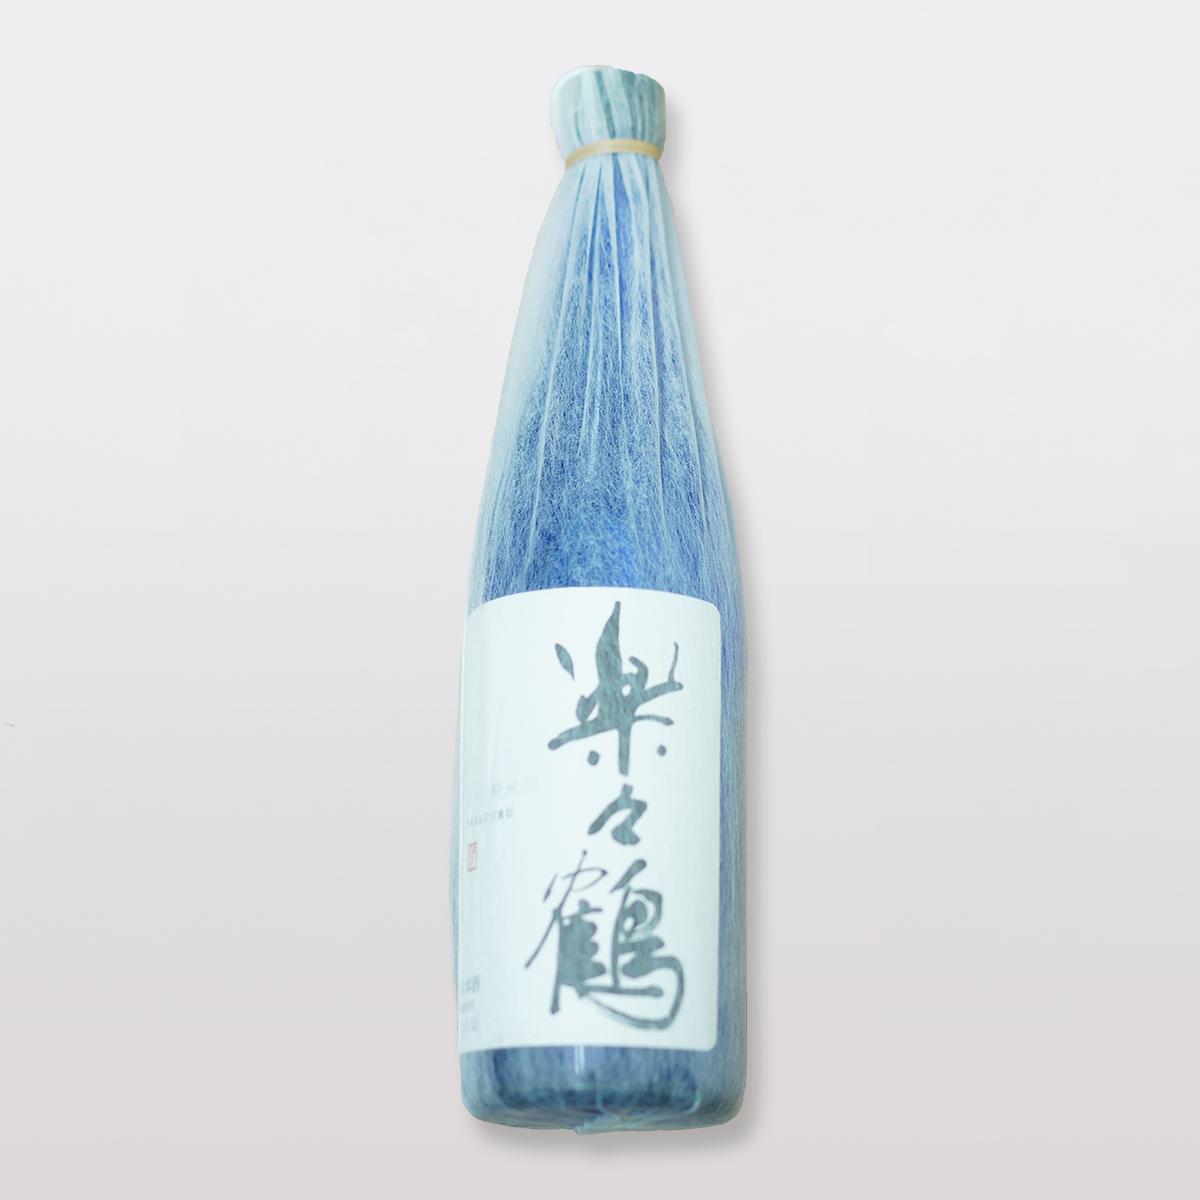 楽々鶴純米酒